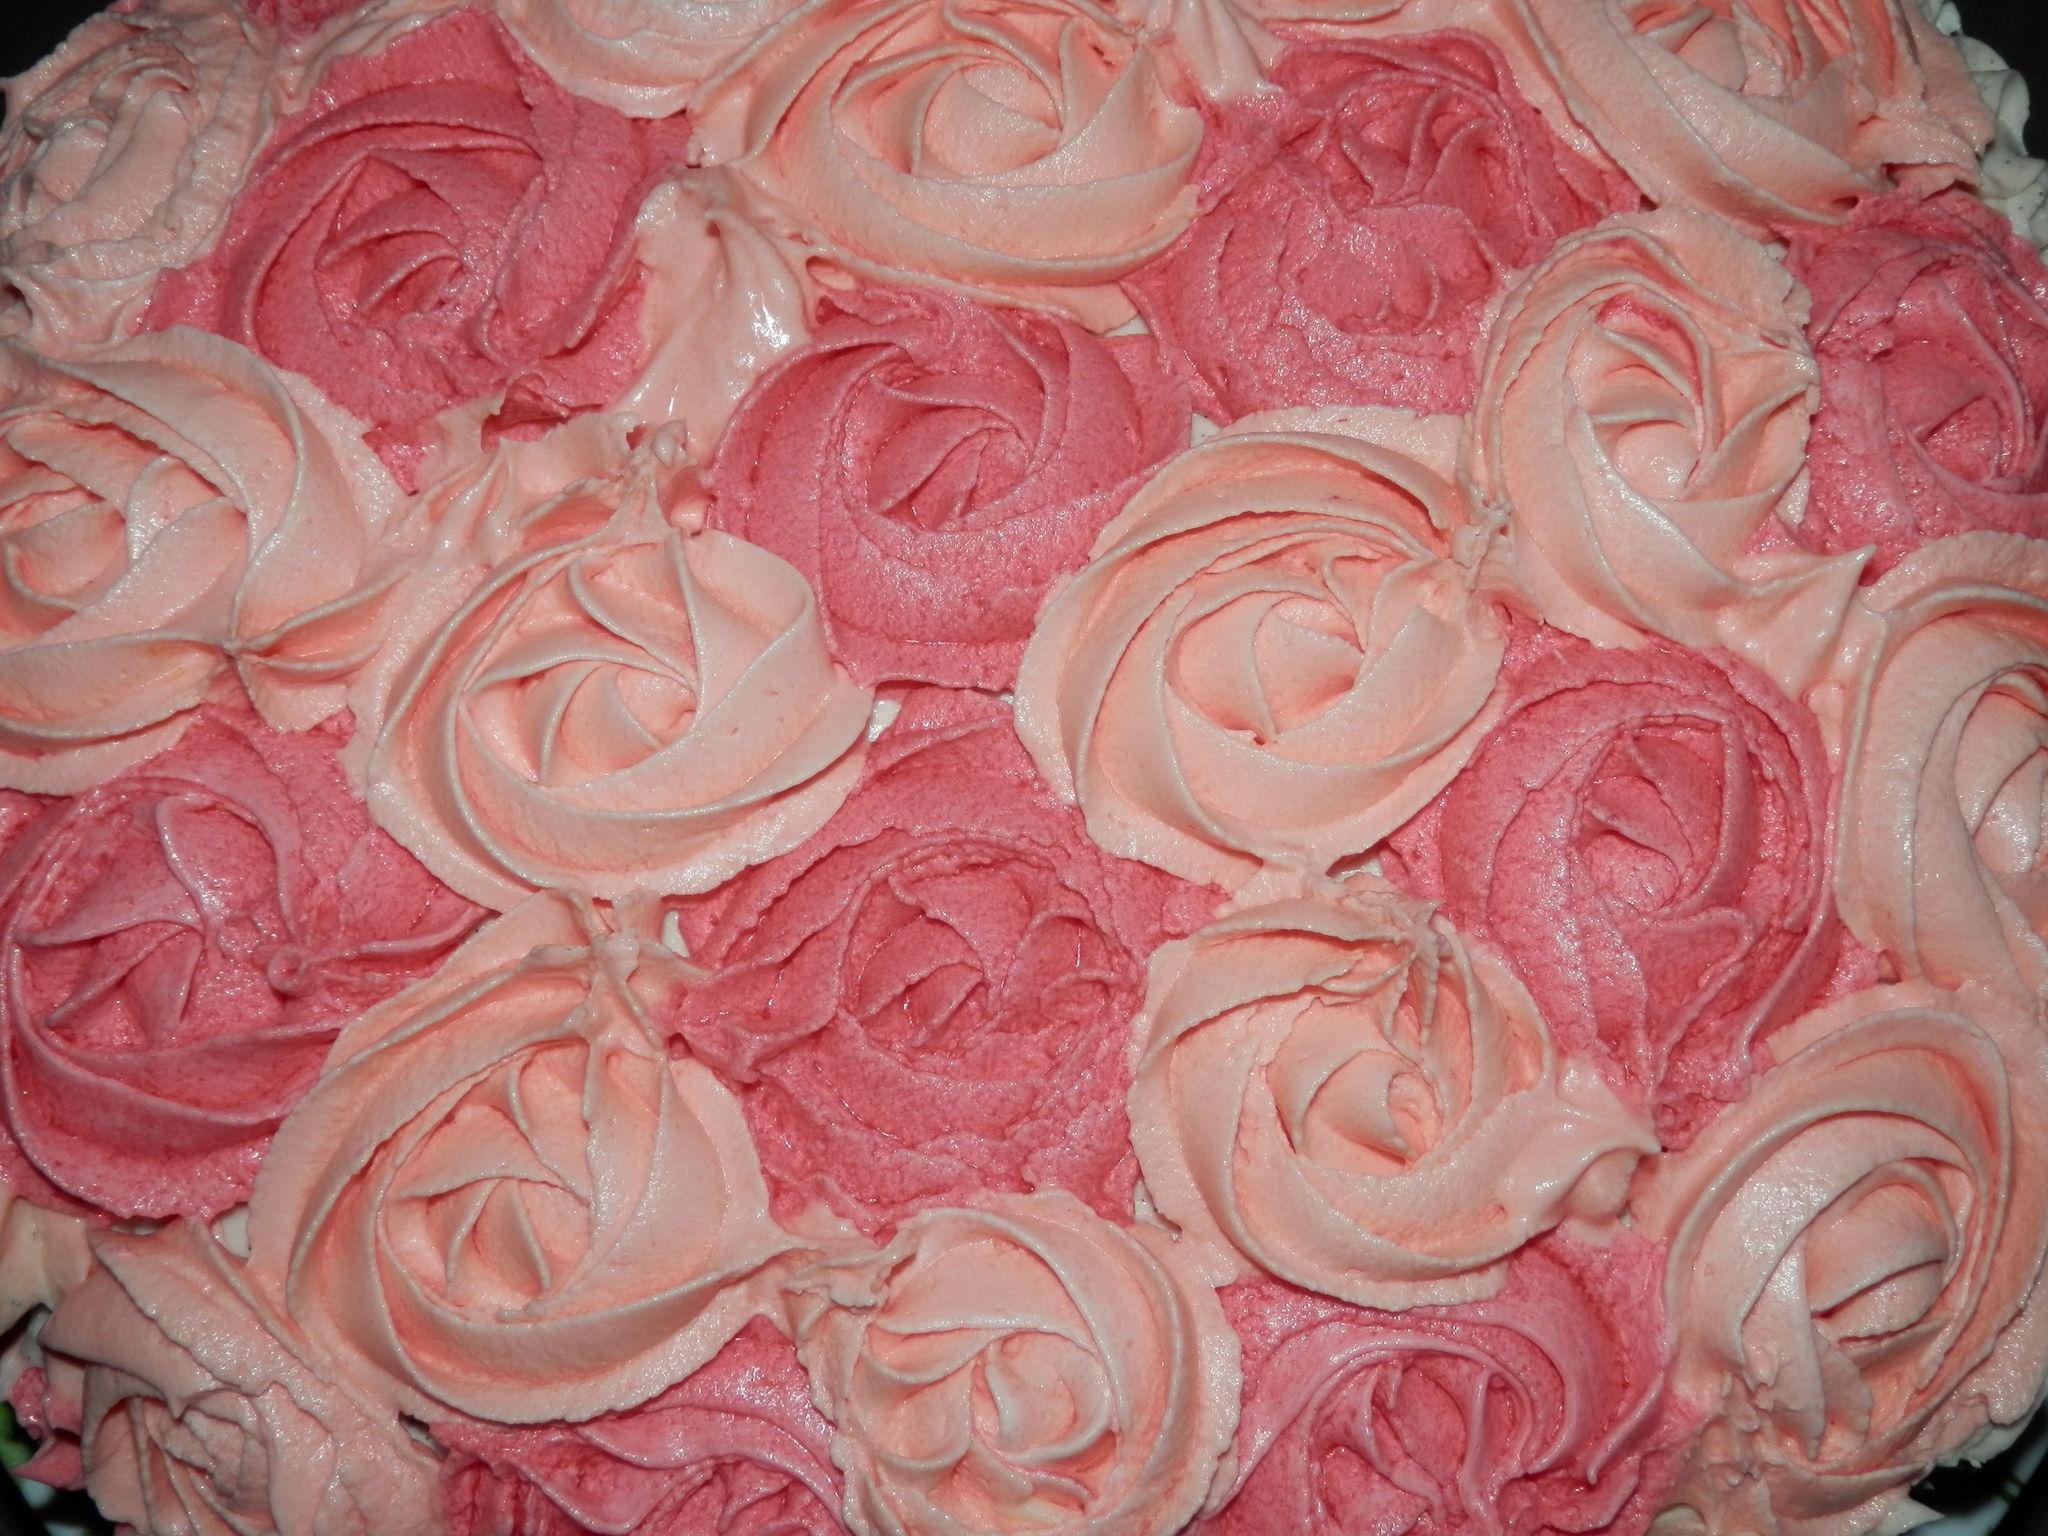 Gateau creme au beurre rose